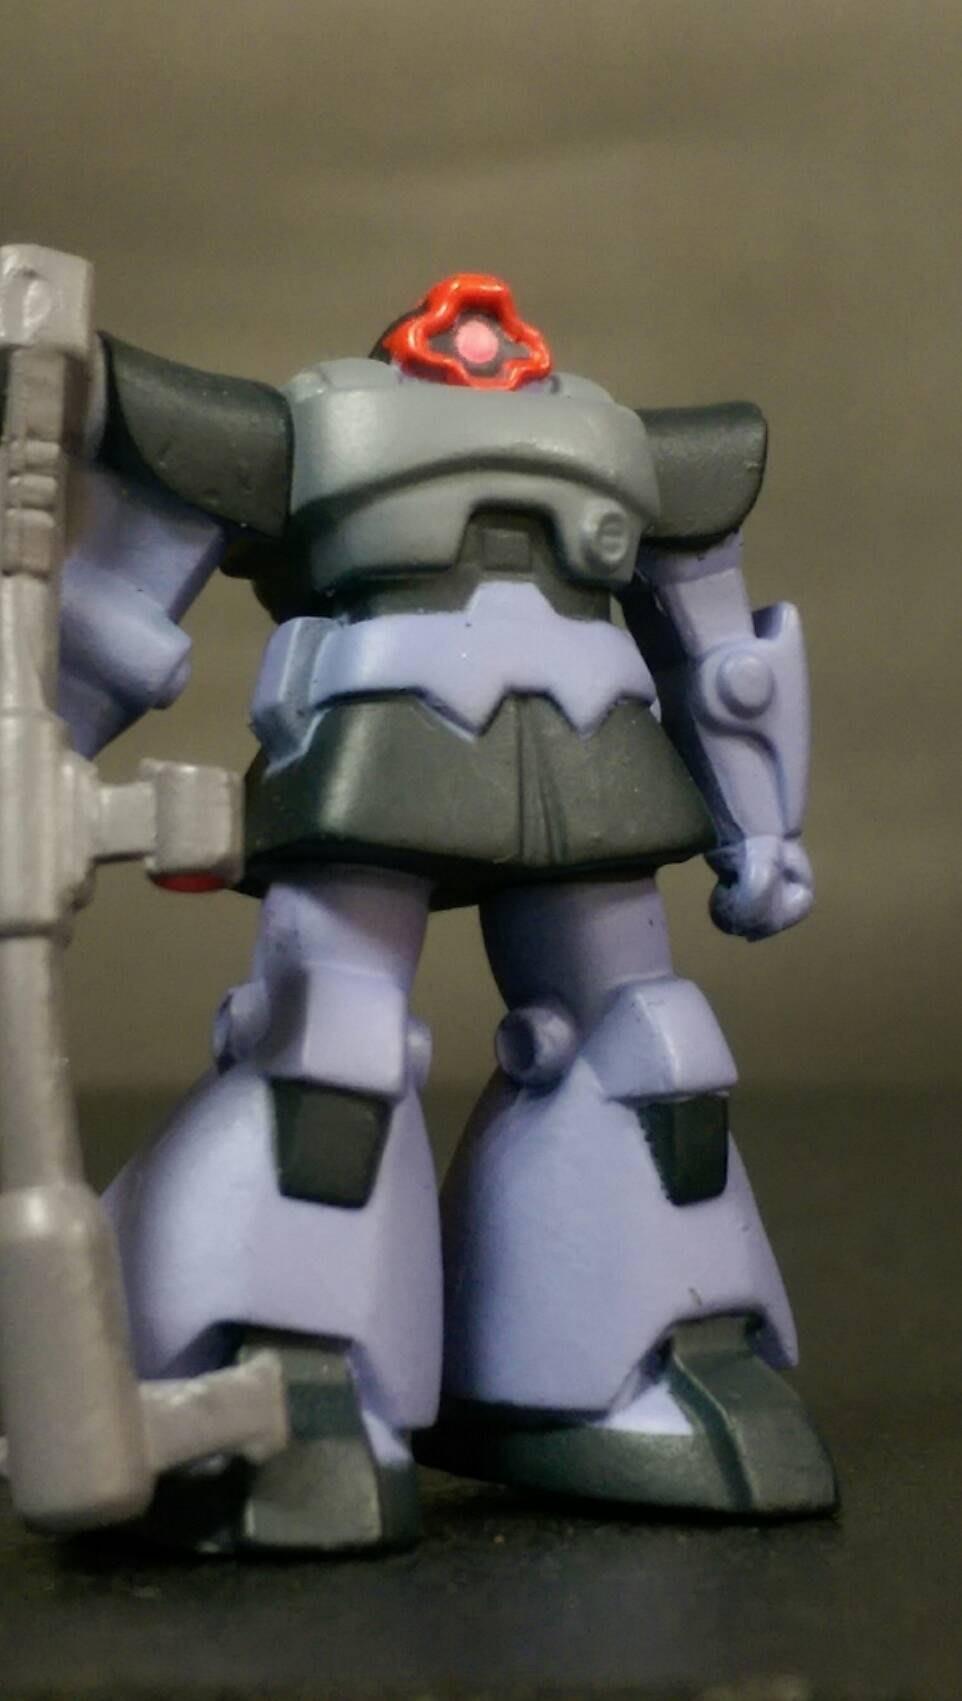 D-14 櫃 現狀品 : HG GUNDAM 鋼彈 ZAKU MS-06R 薩克 黑色三聯星德姆 天富玩具店